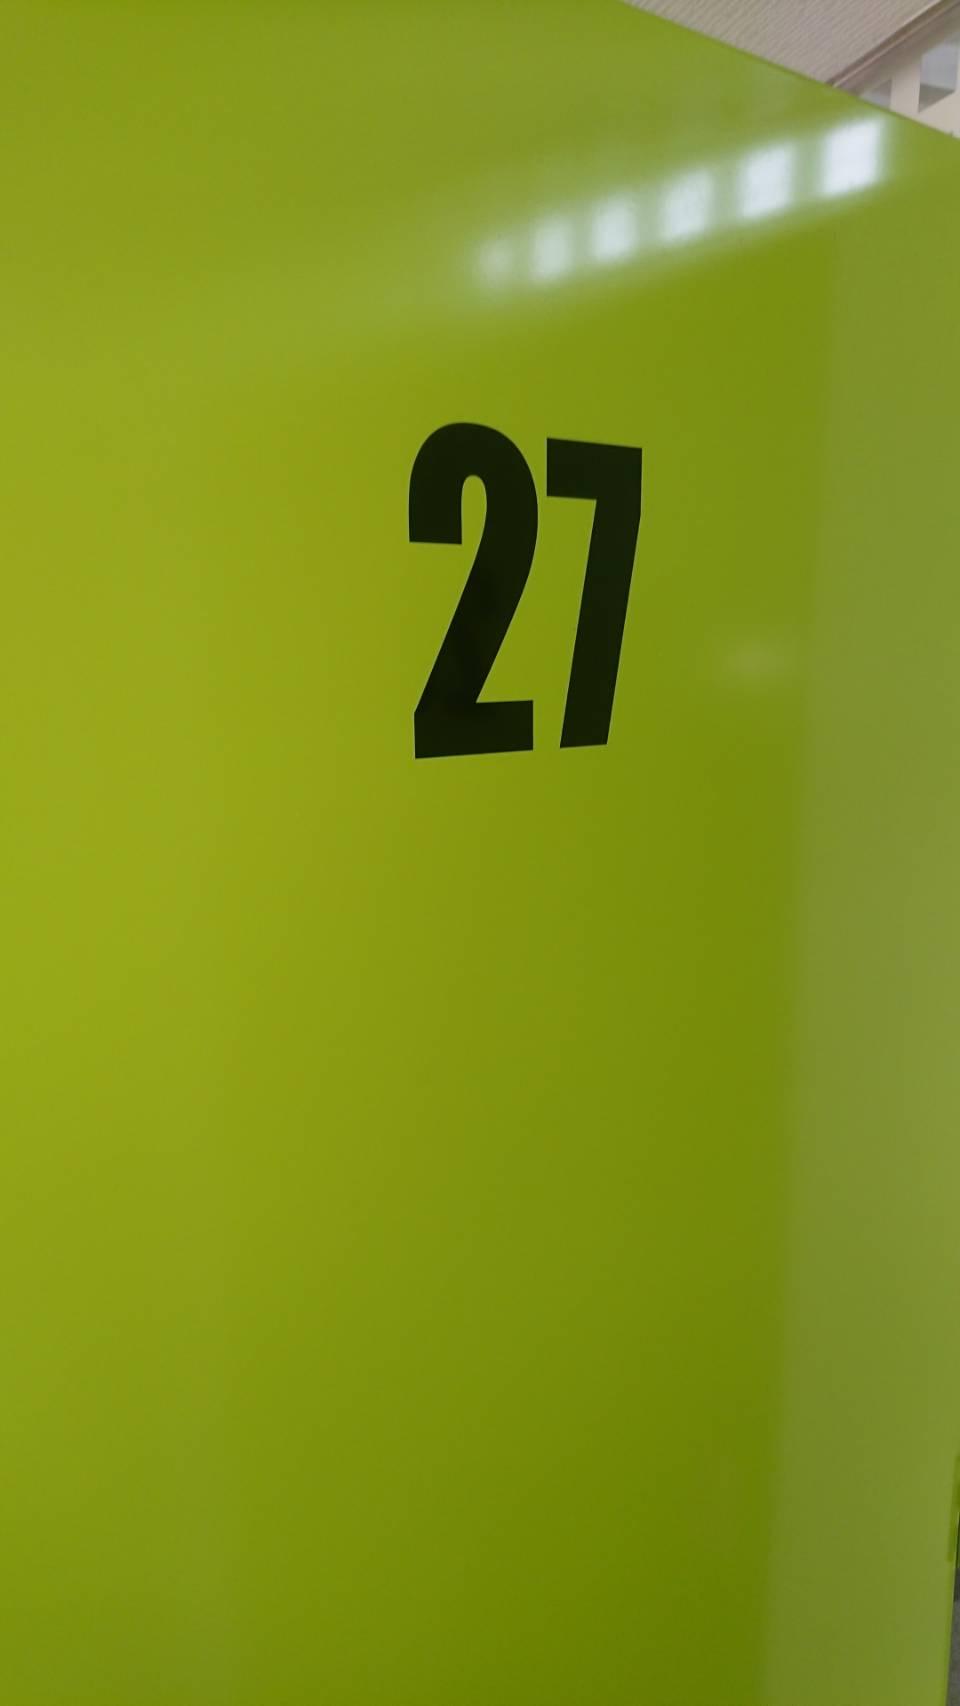 真駒内 No. 27